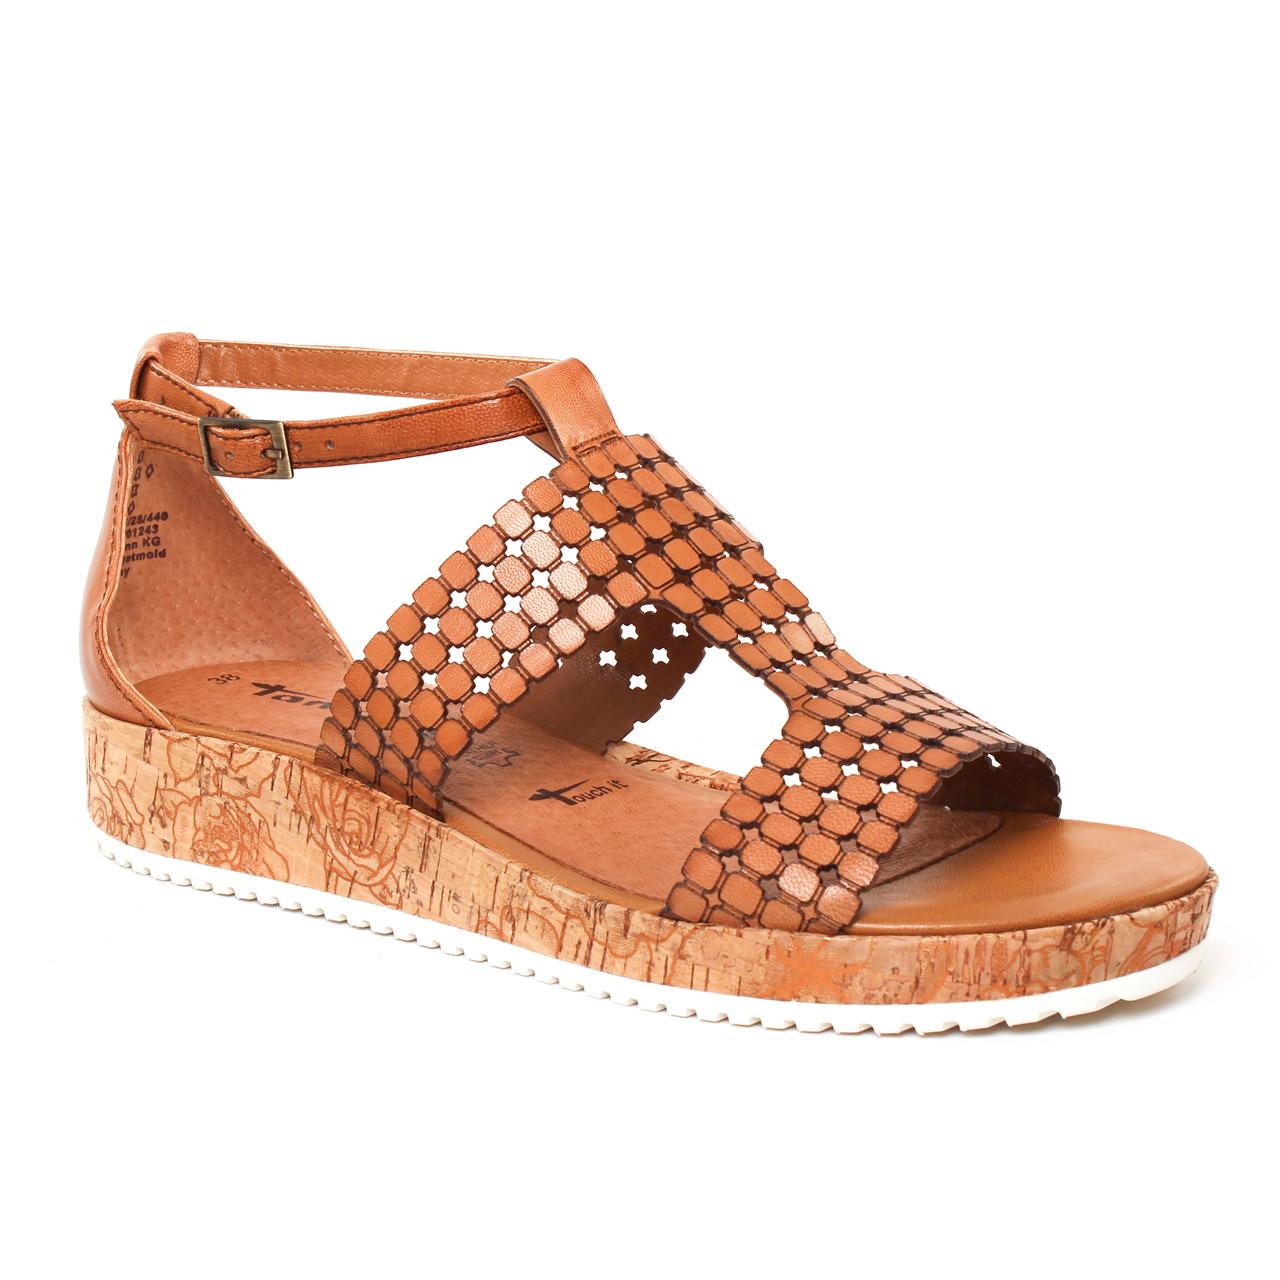 belle et charmante styles frais couleur n brillante Tamaris 28203 Nut | sandale compensées marron printemps été ...